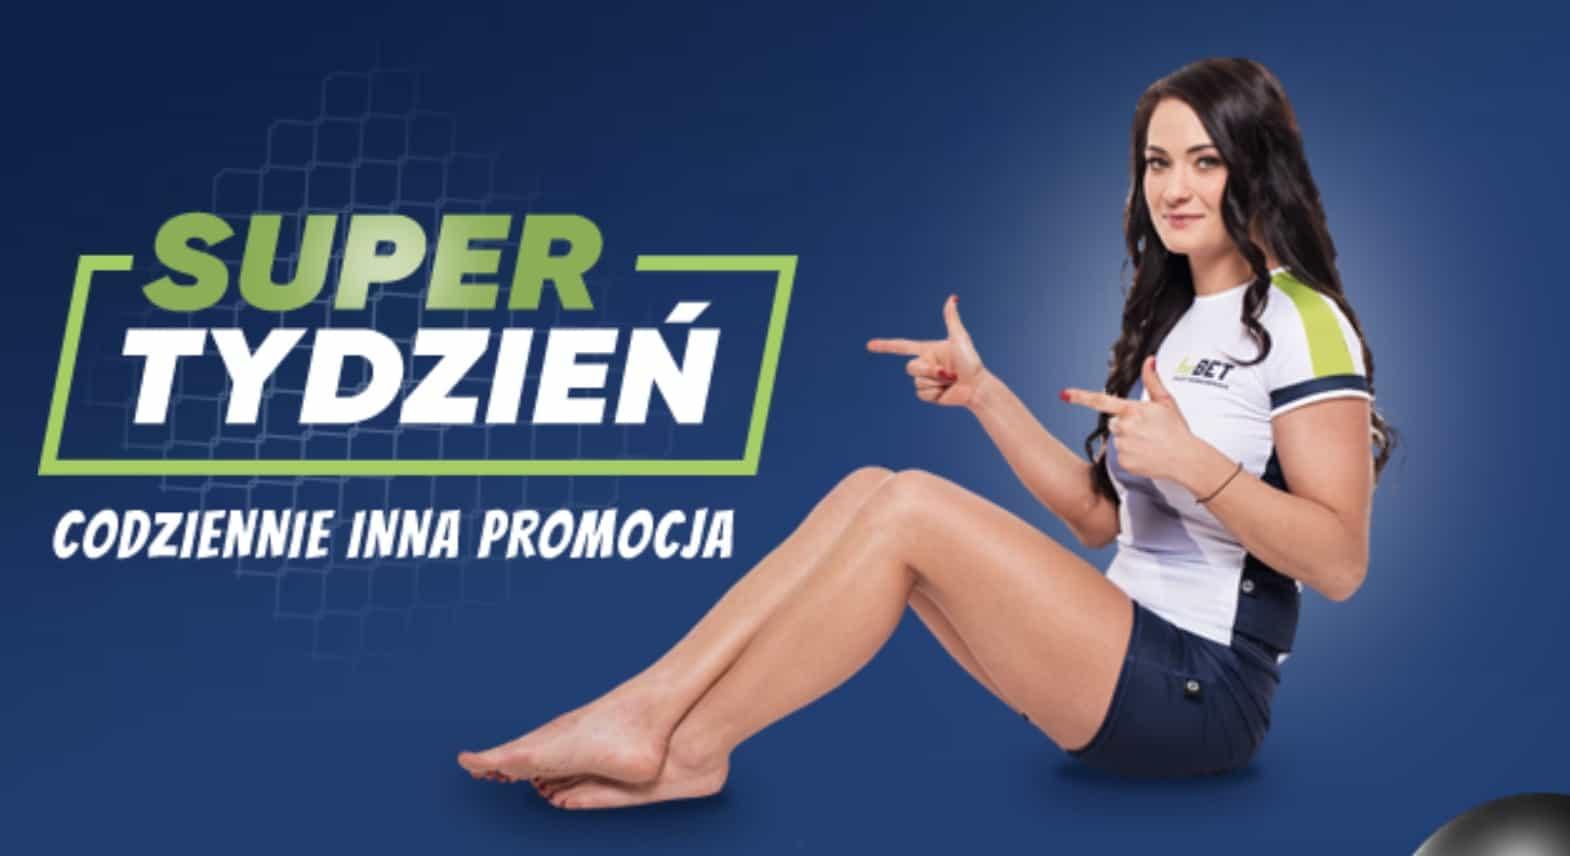 Photo of Forbet Super Tydzień. Promocje na każdy dzień!